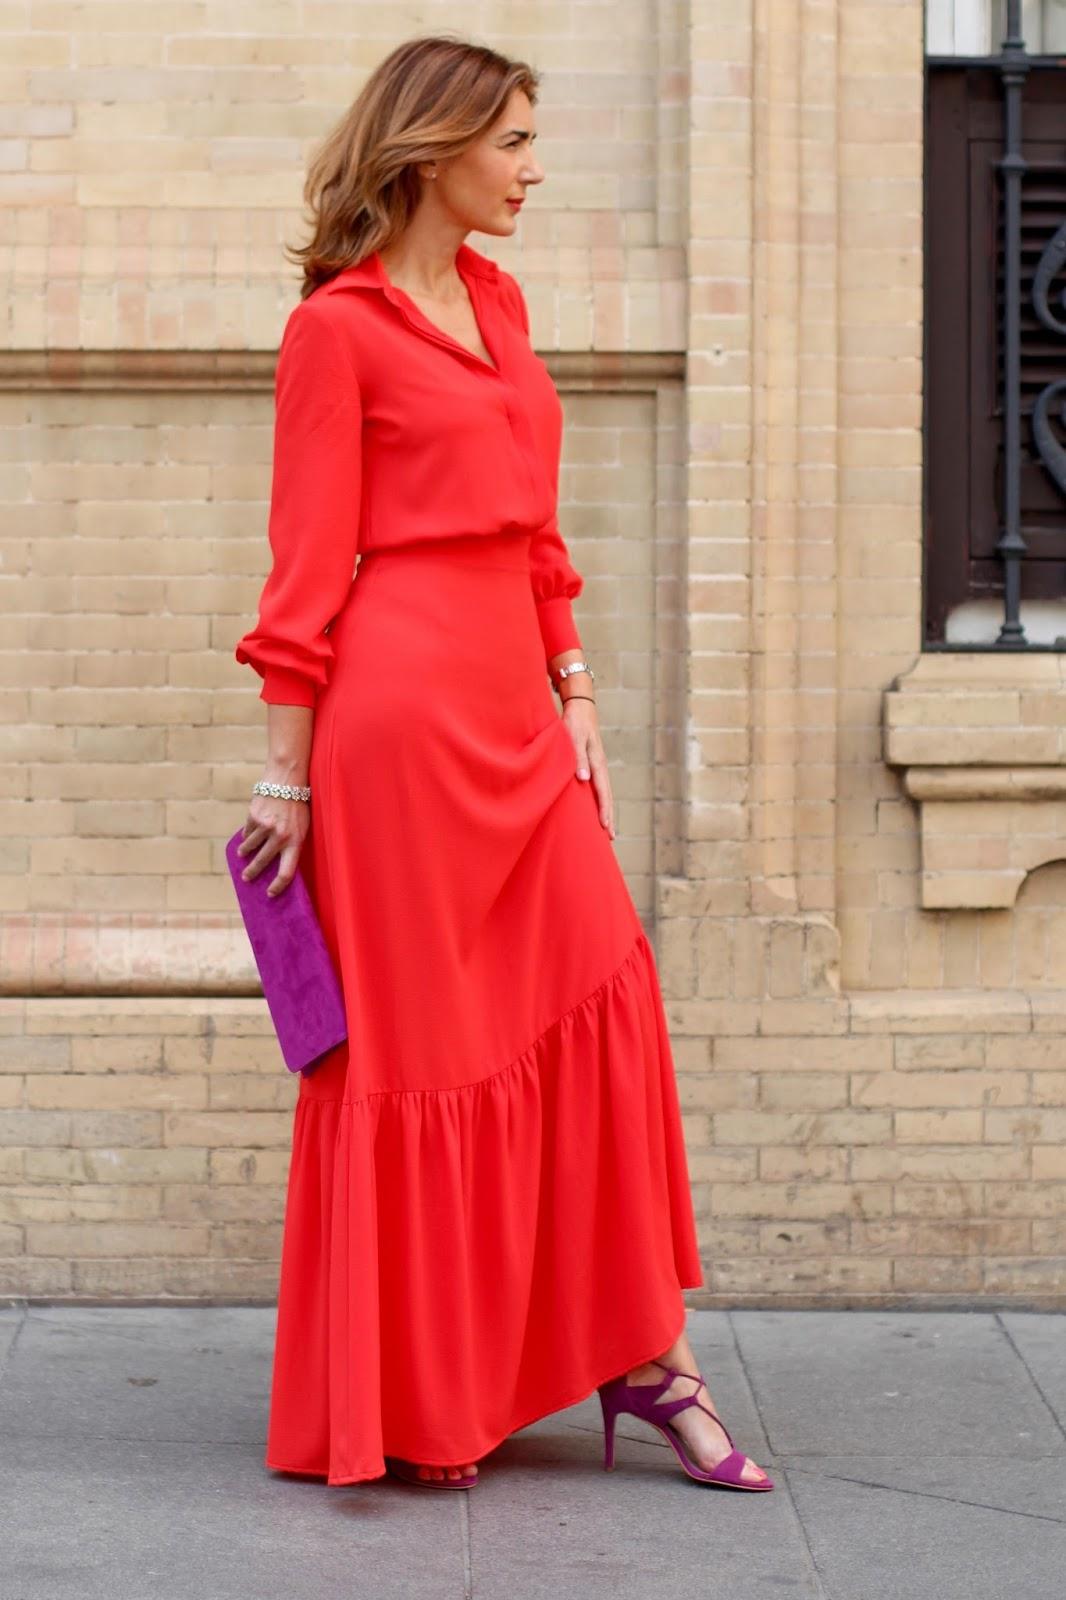 4917da9d6 Cómo combinar el rojo y acertar – Blog Zapatos y Mujer